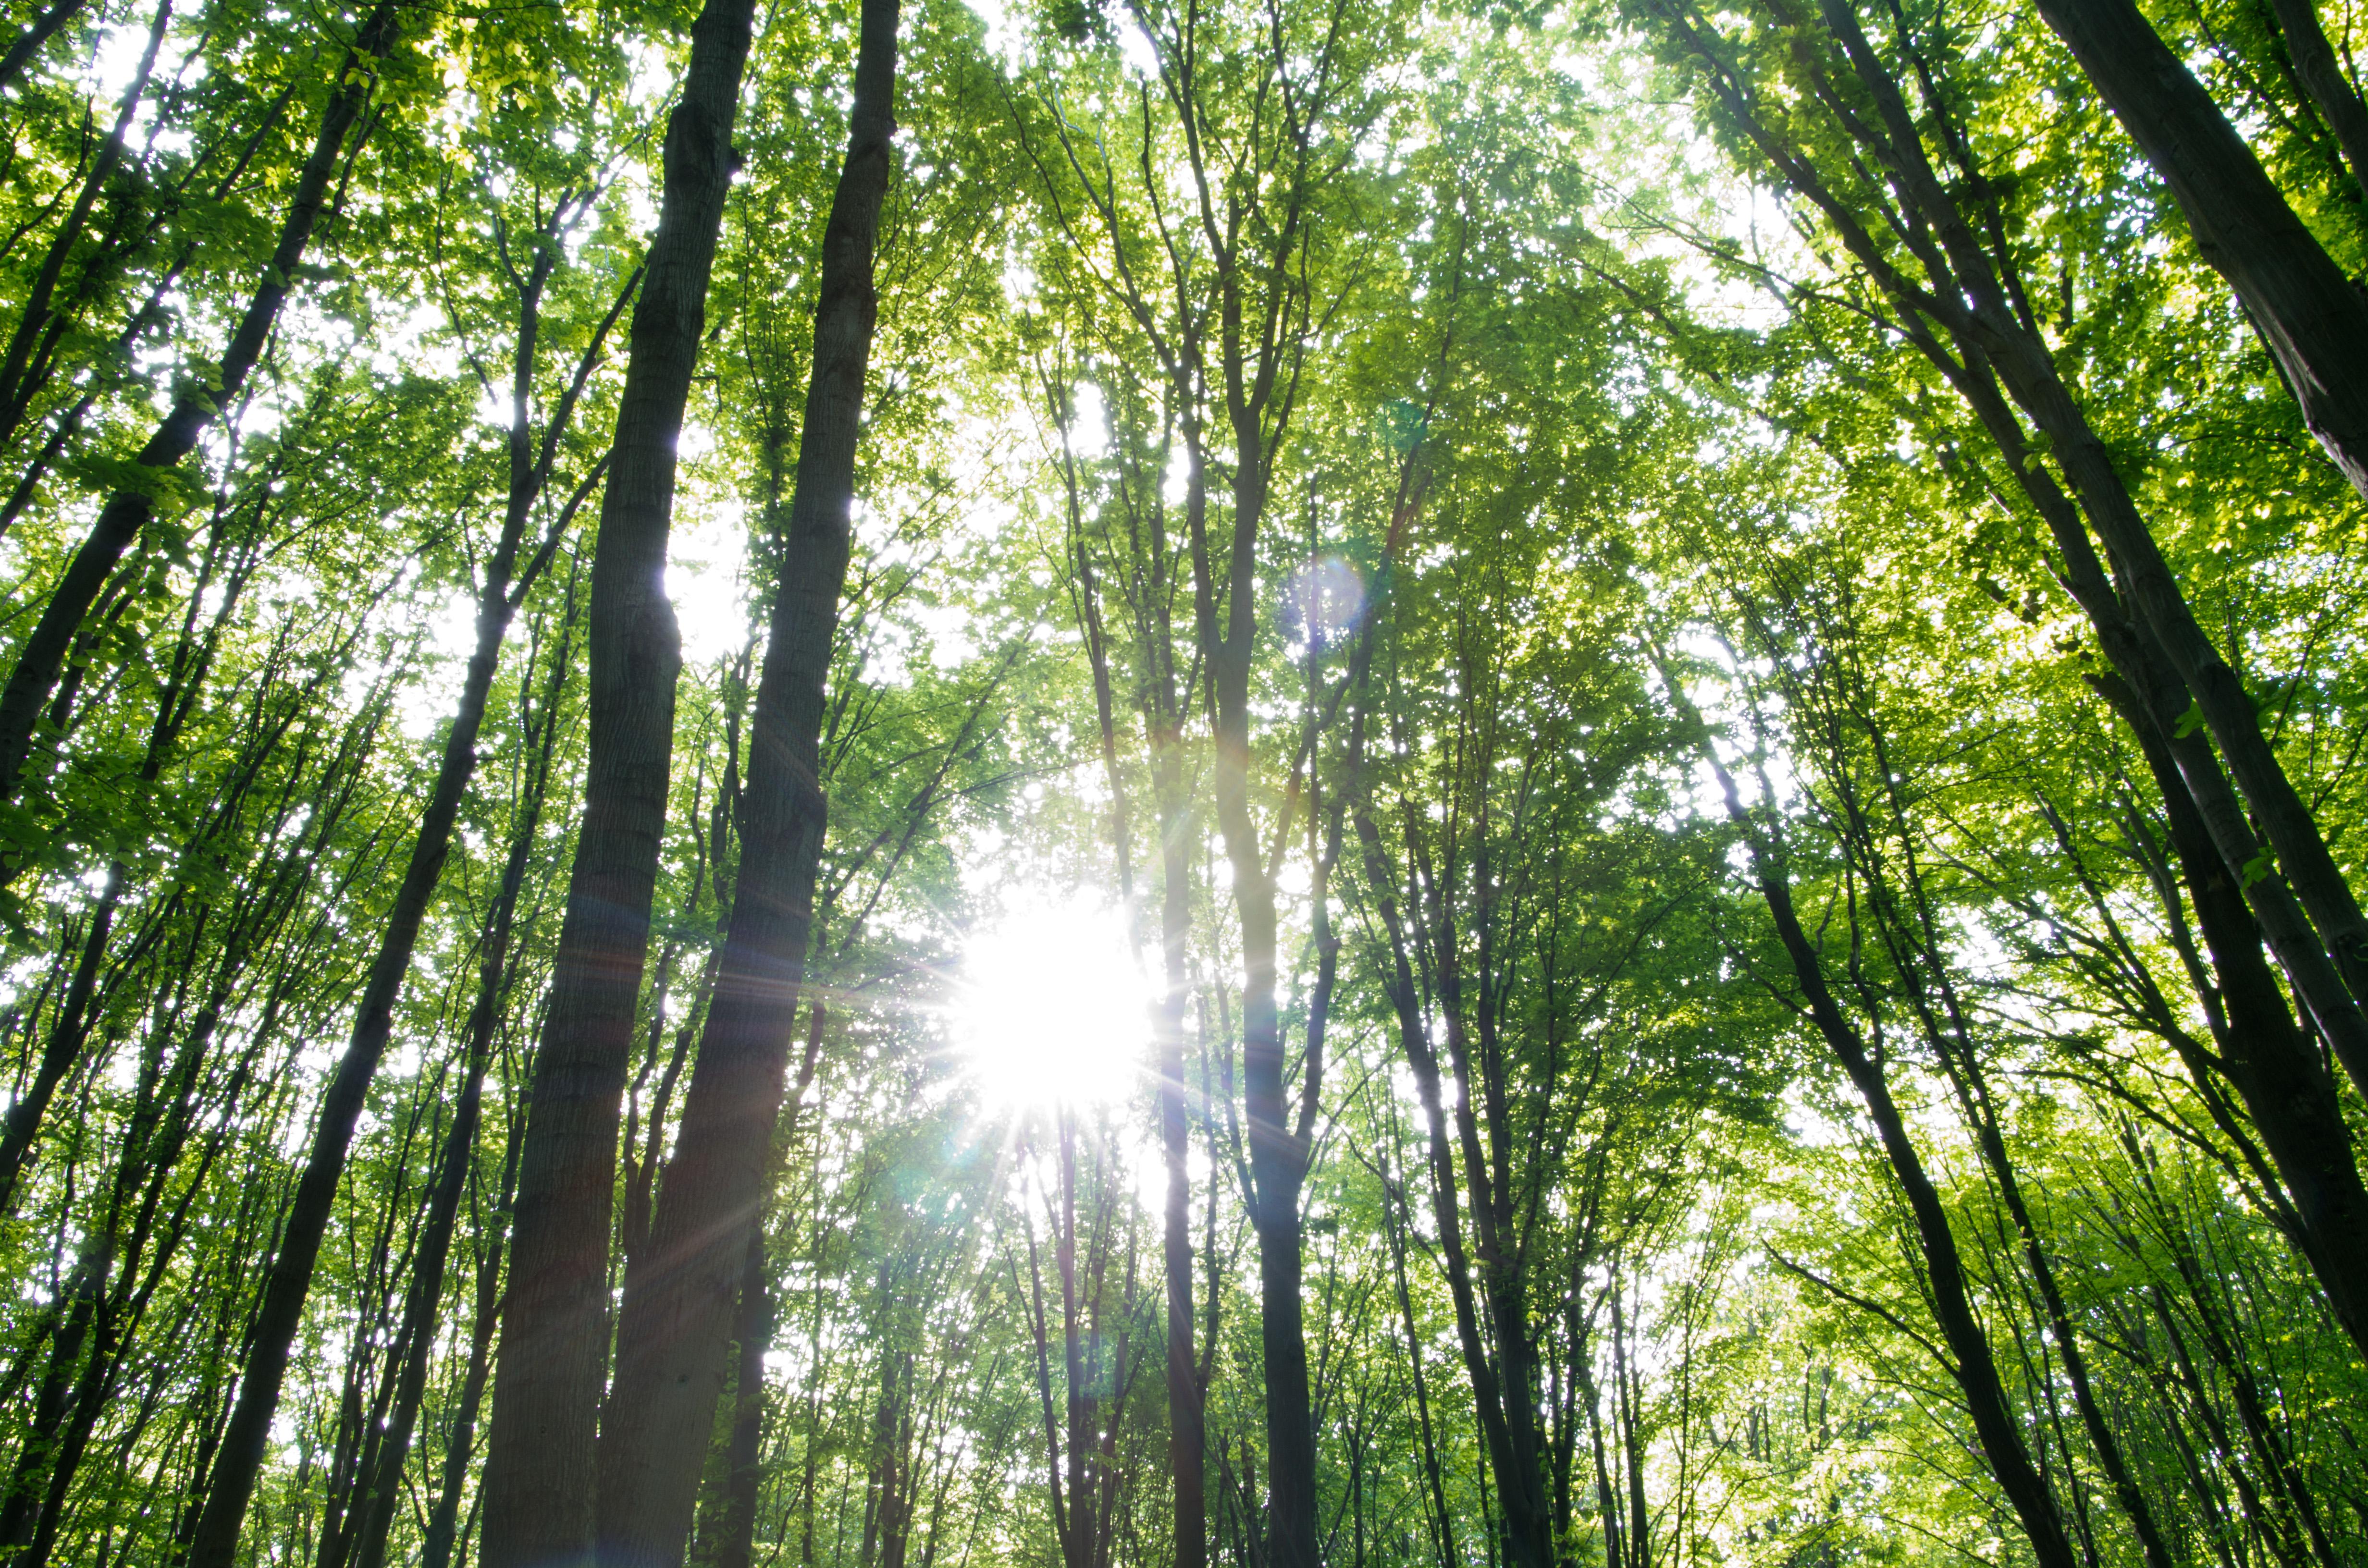 Resultatet er klar: Så meget blev der samlet ind til 'Danmark planter træer'